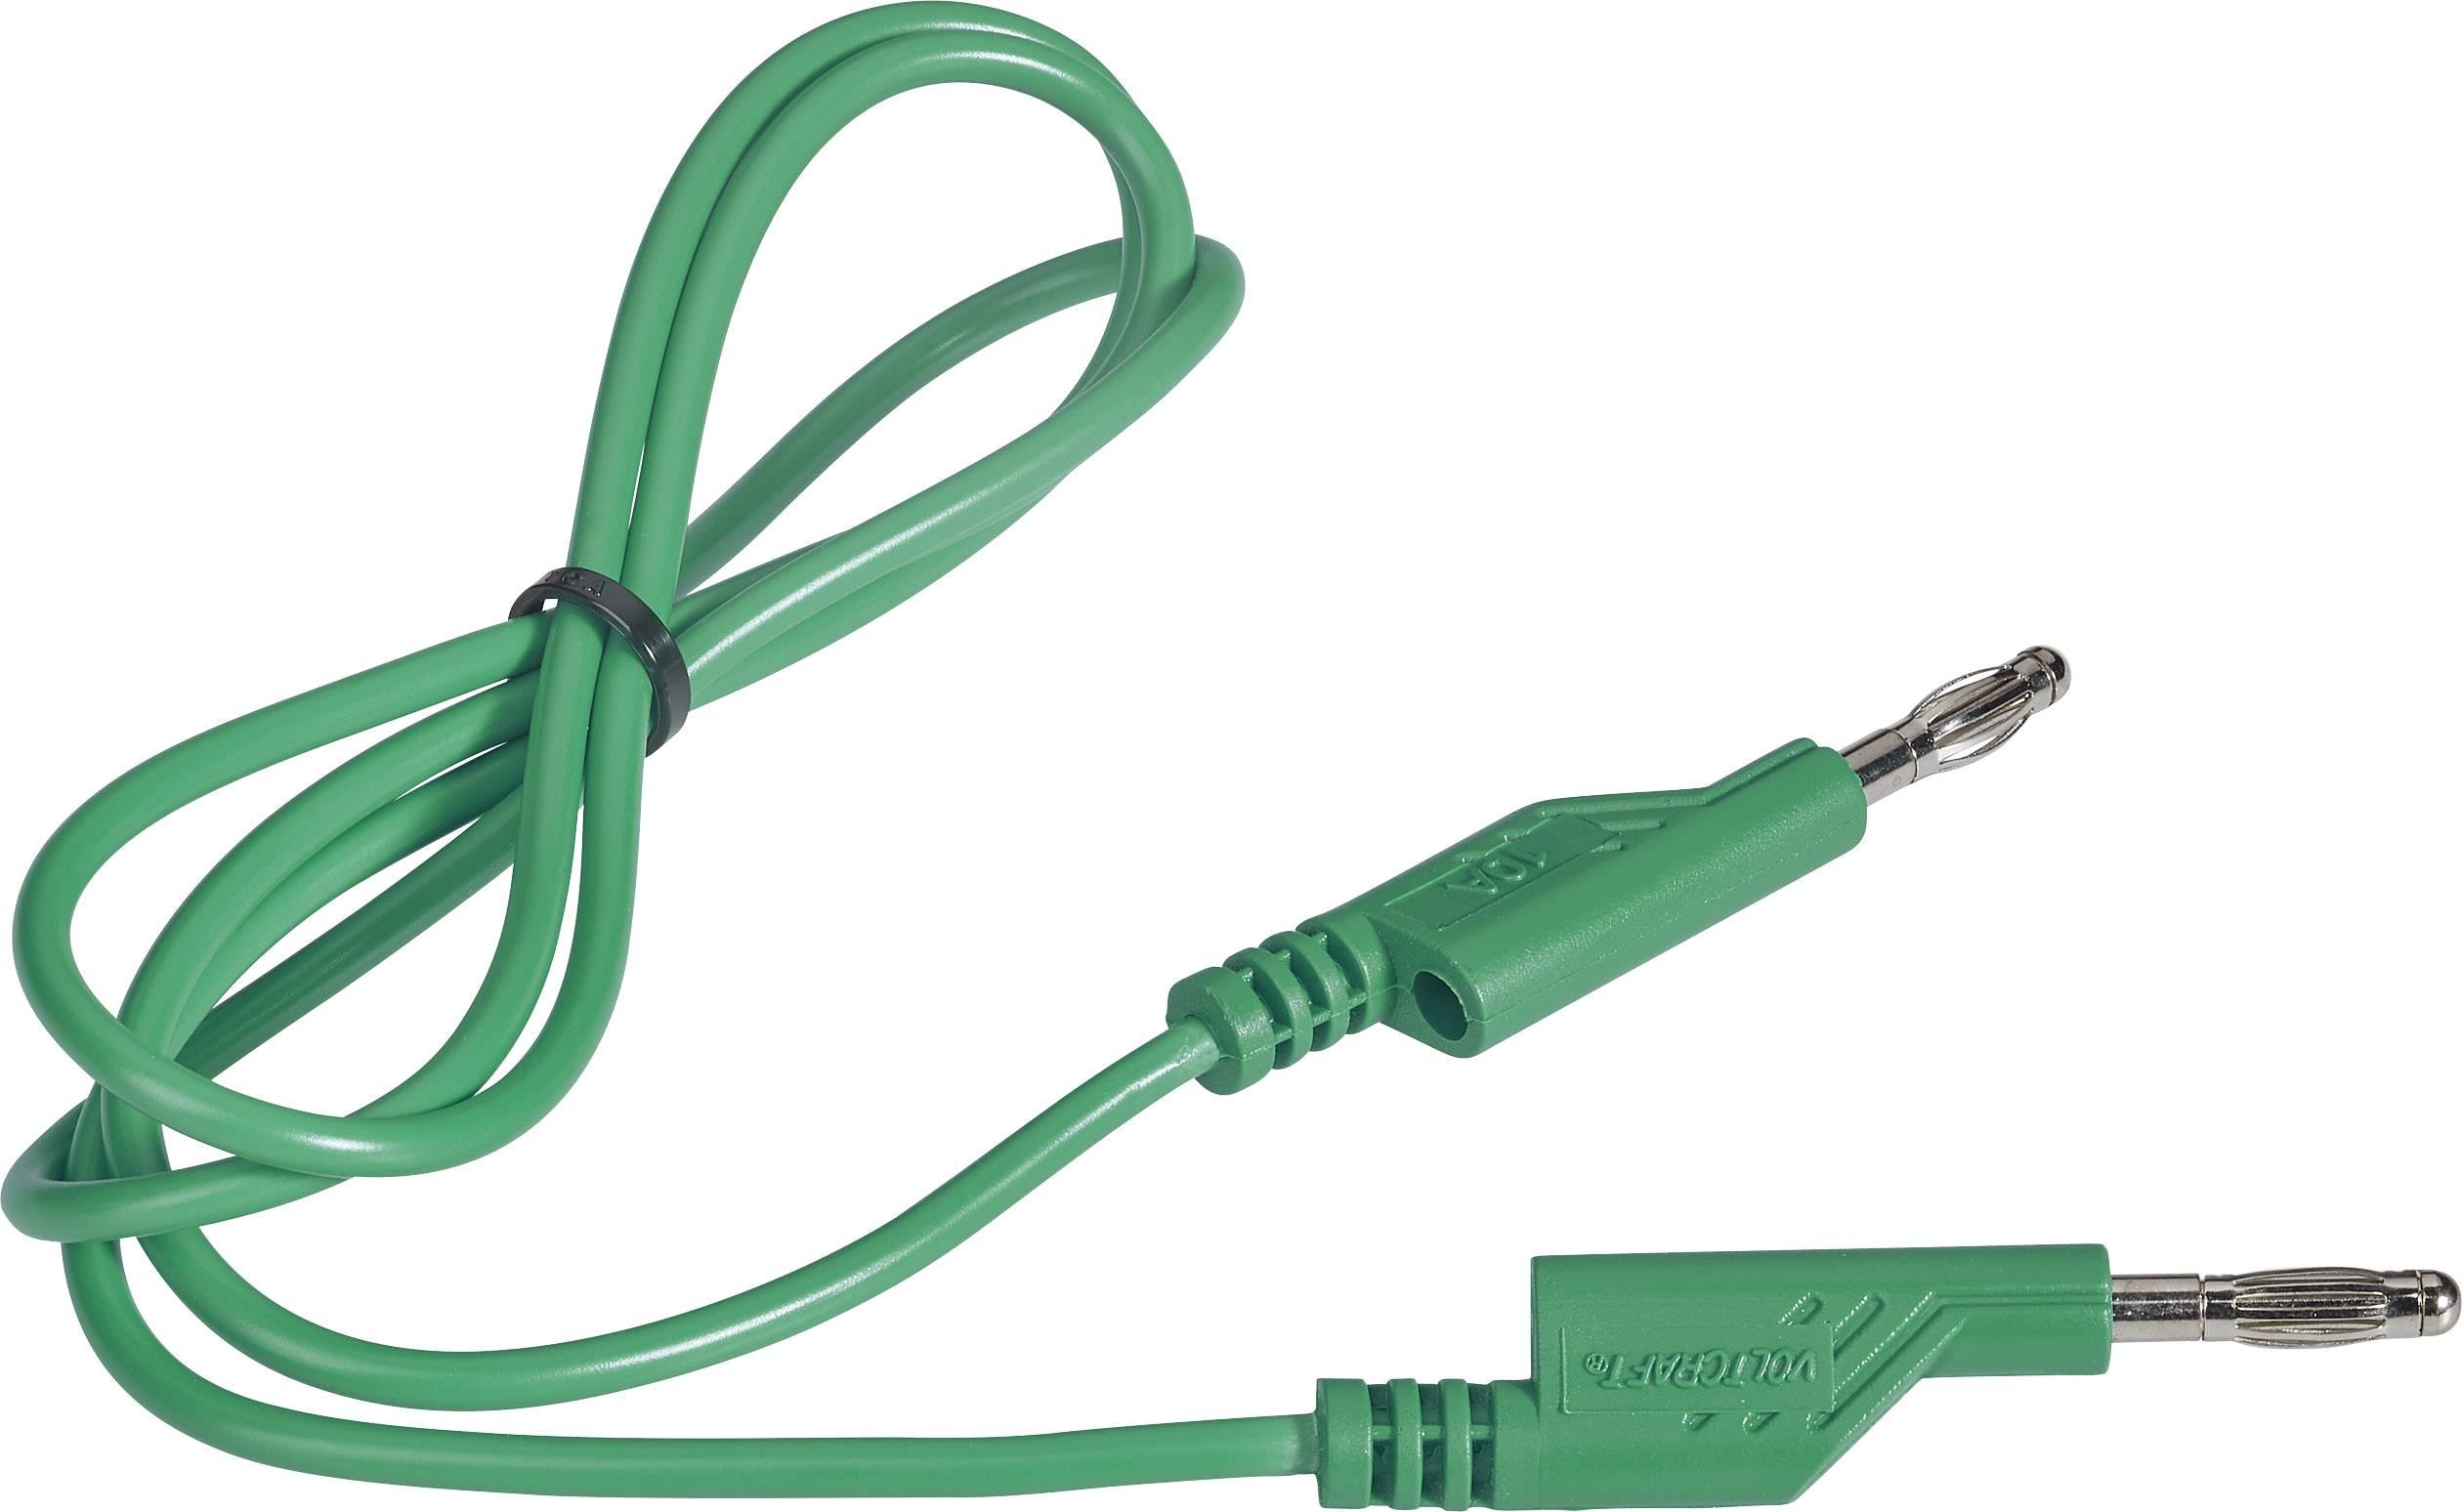 Merací kábel Voltcraft 1 mm², 4 mm, 1 m, zelený